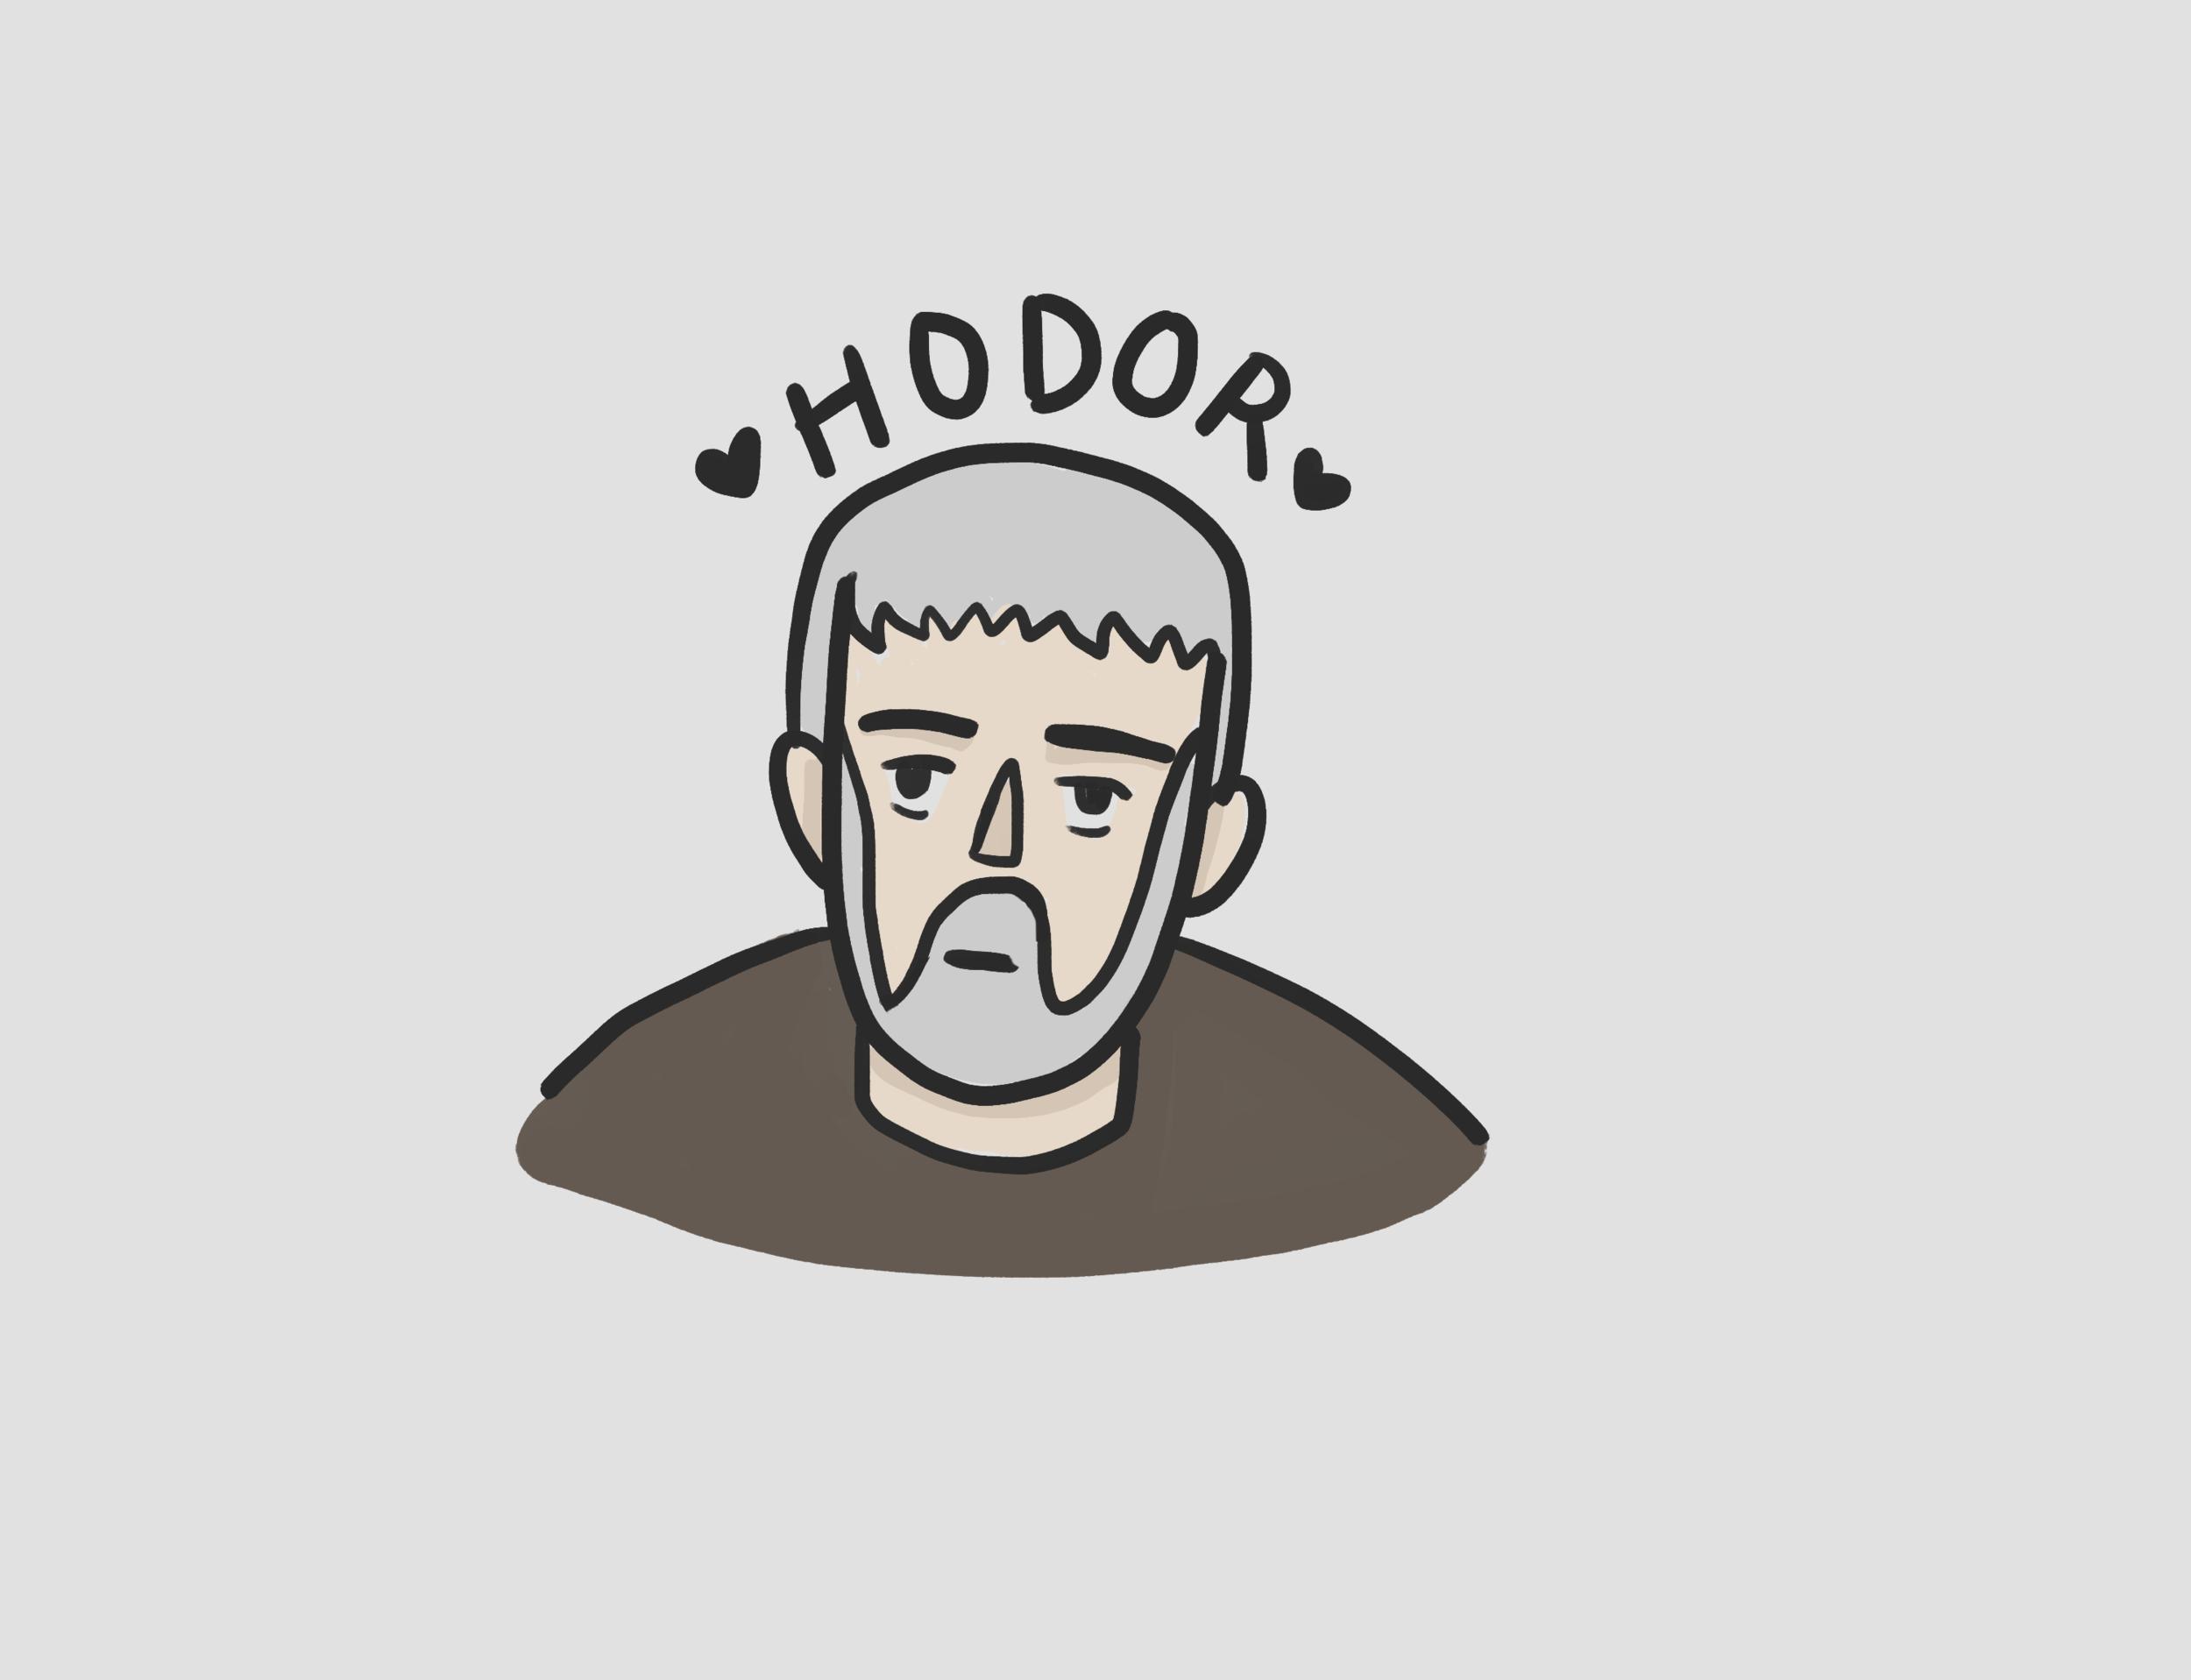 72 - Hodor.png